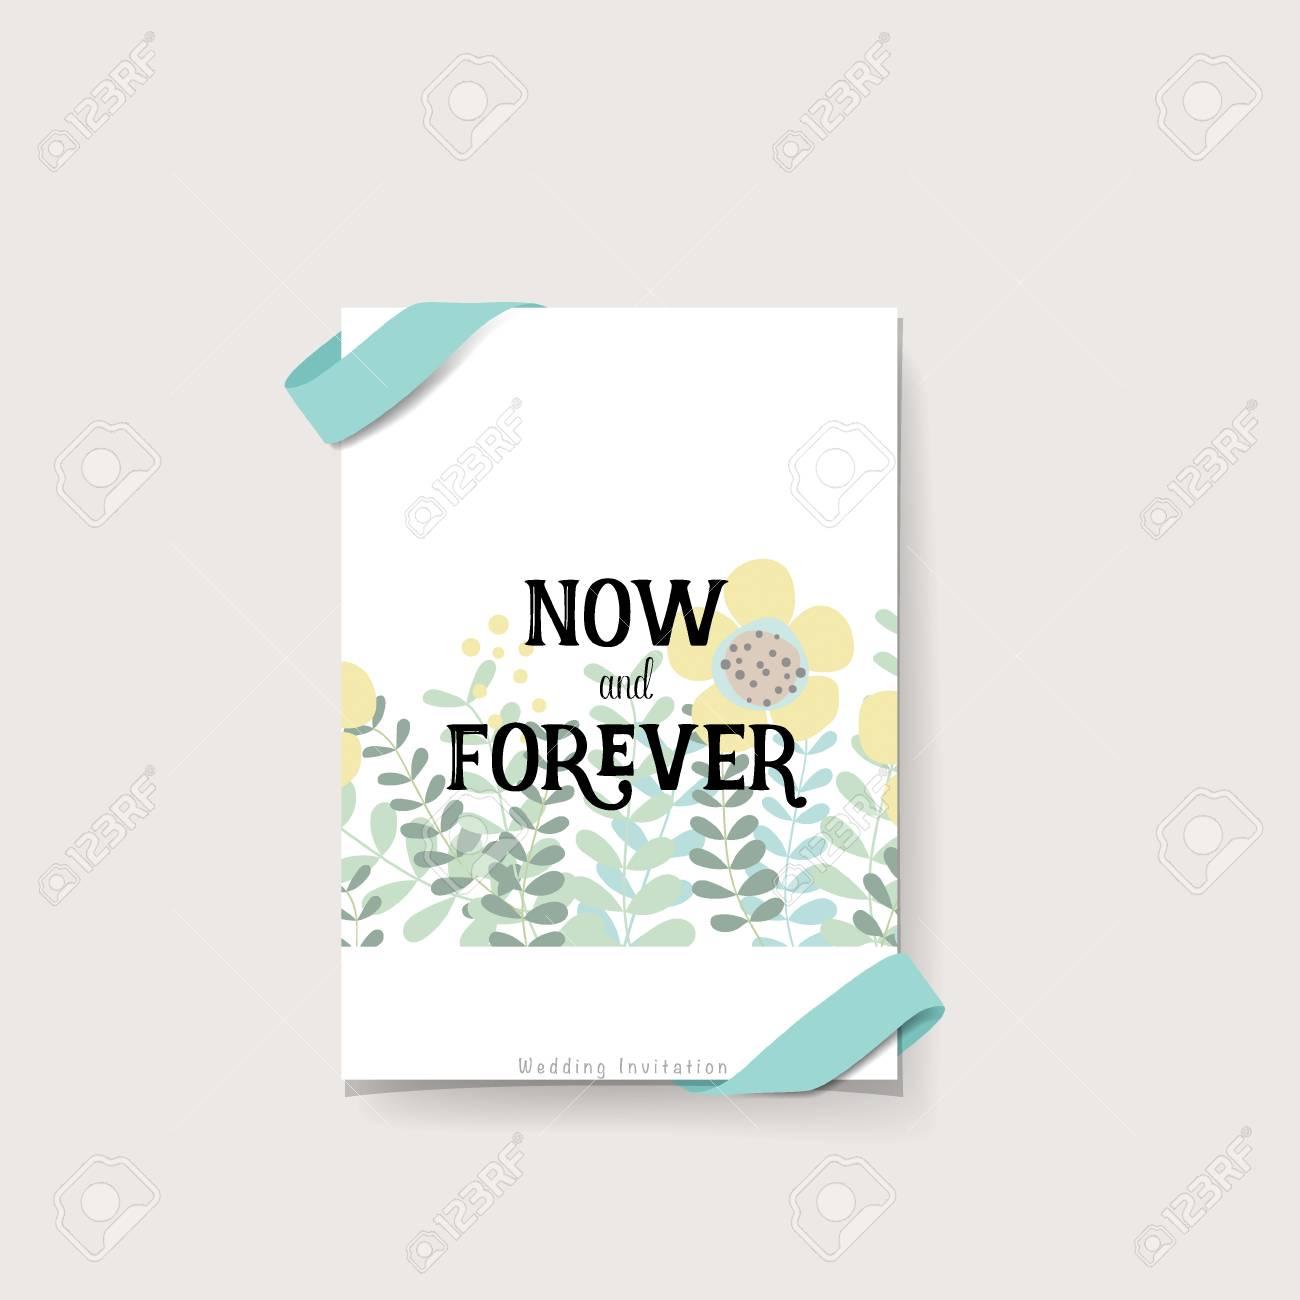 Conception De Carte D Invitation De Mariage Avec De Jolis Modeles De Fleurs Illustration Vectorielle